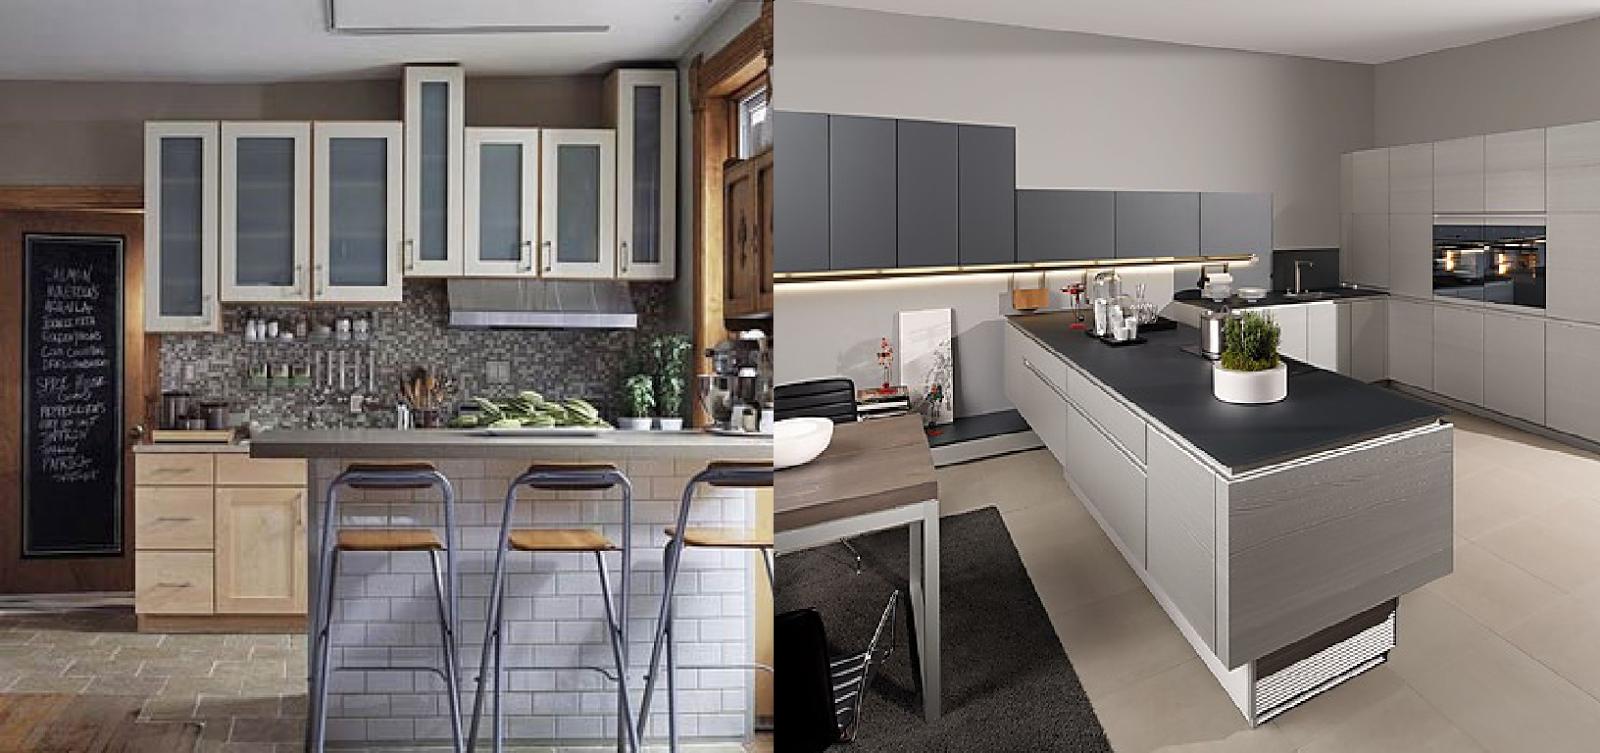 C mo elegir los colores de tu cocina casas ideas for Cocinas en valencia